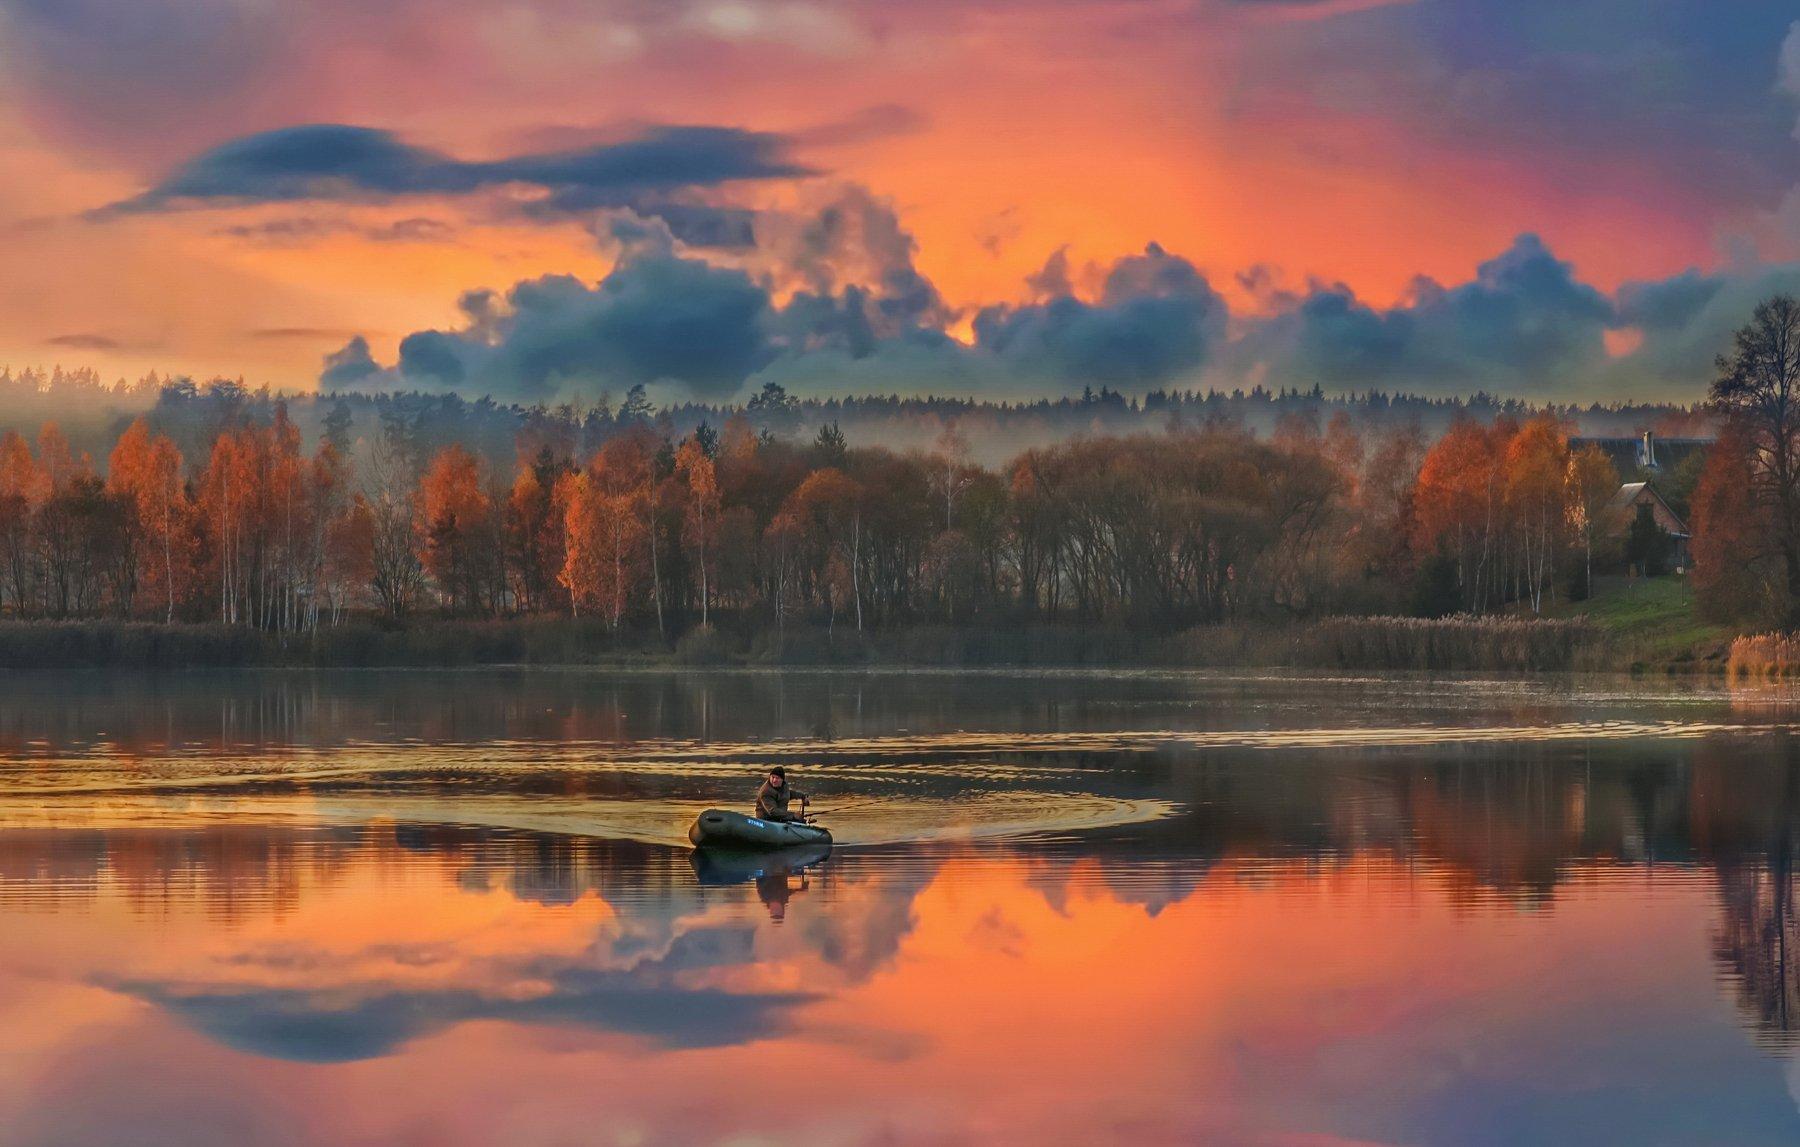 природа, закат, рыболов, осень, Александр Гвоздь